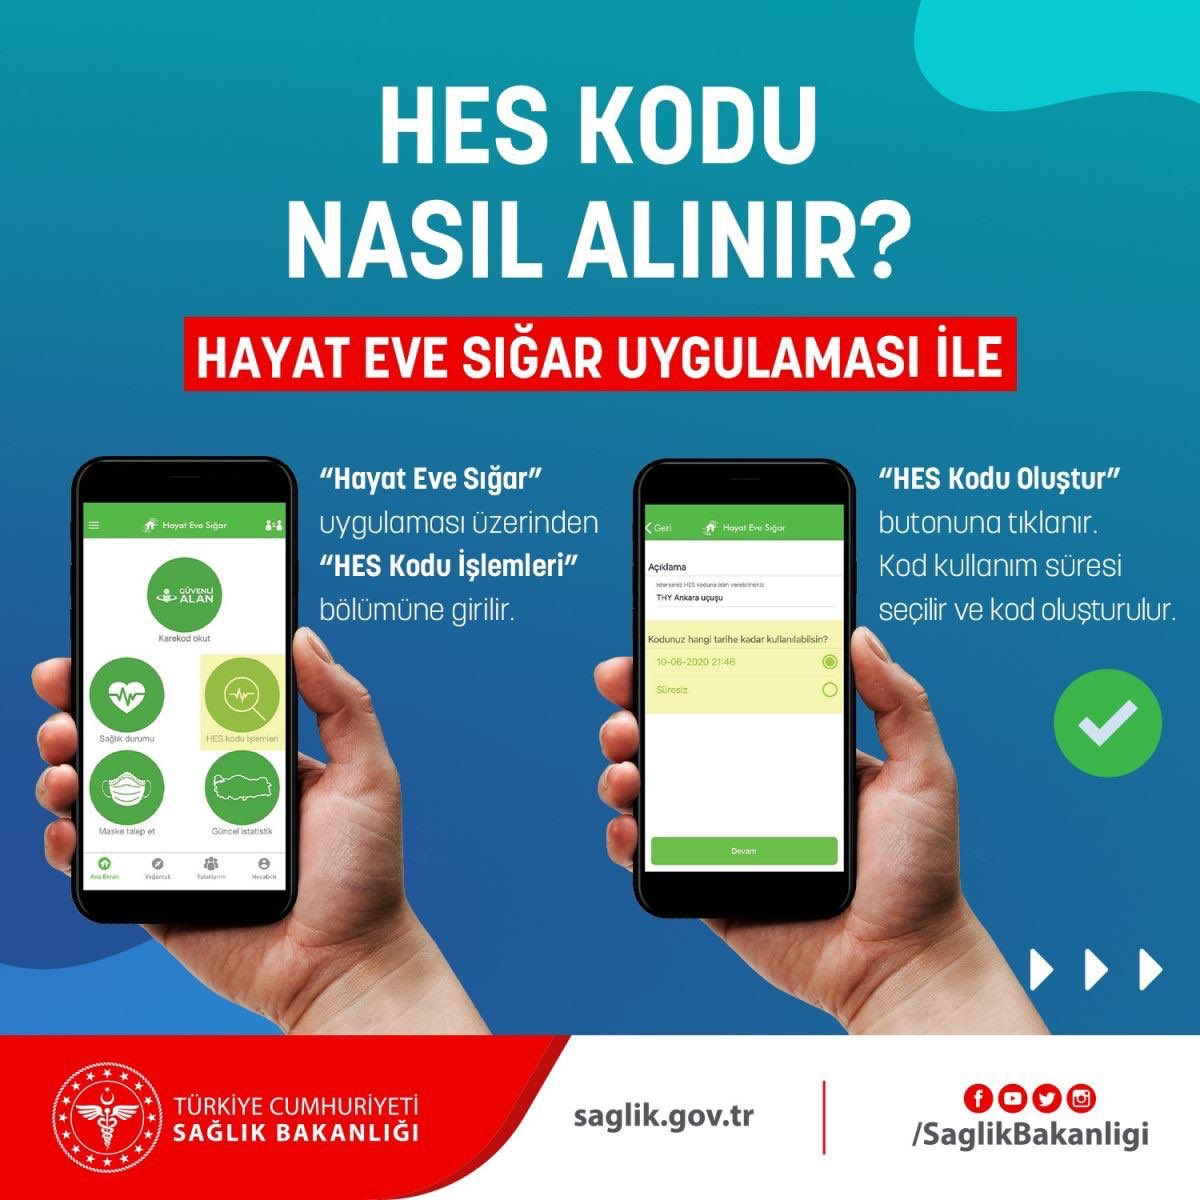 İstanbul'daki kamu kurumlarında HES kodu zorunlu oldu